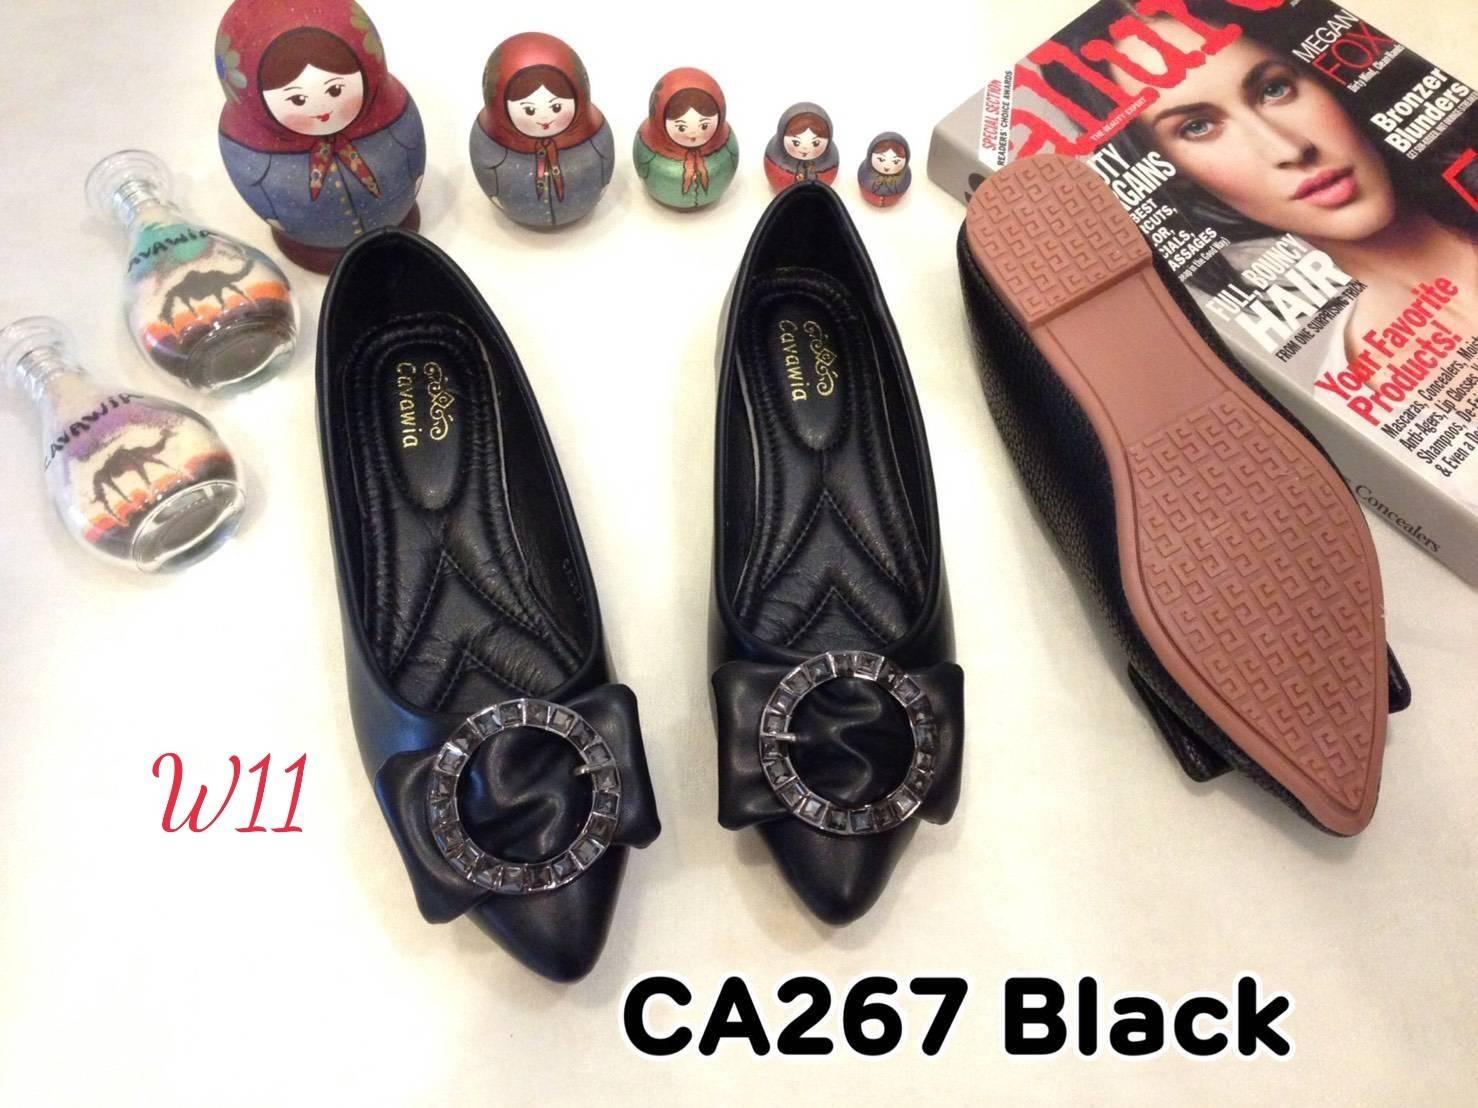 รองเท้าคัทชู ส้นแบน แต่งอะไหล่สวยหรู หนังนิ่ม ทรงสวย ใส่สบาย แมทสวยได้ทุกชุด (CA267)